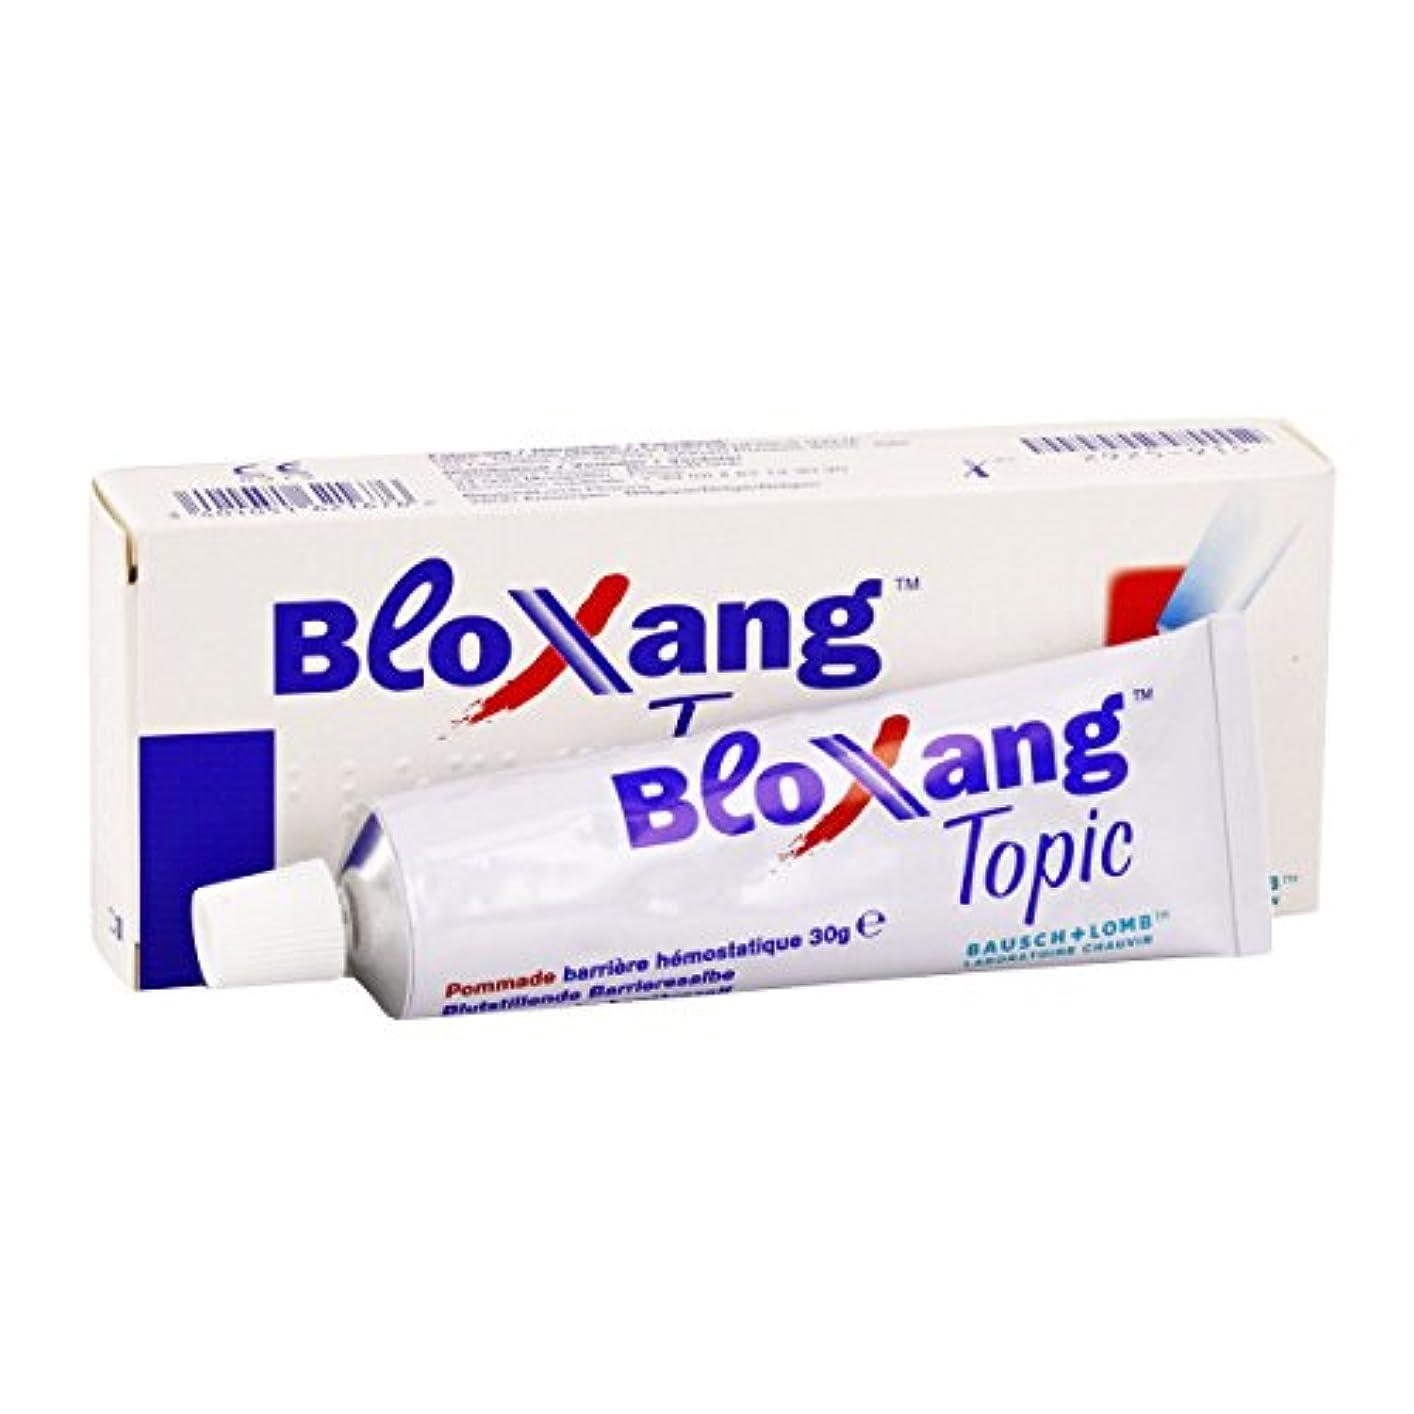 拒絶ライフルバーガーBloxang Ointment Hemostatic Barrier 30g [並行輸入品]